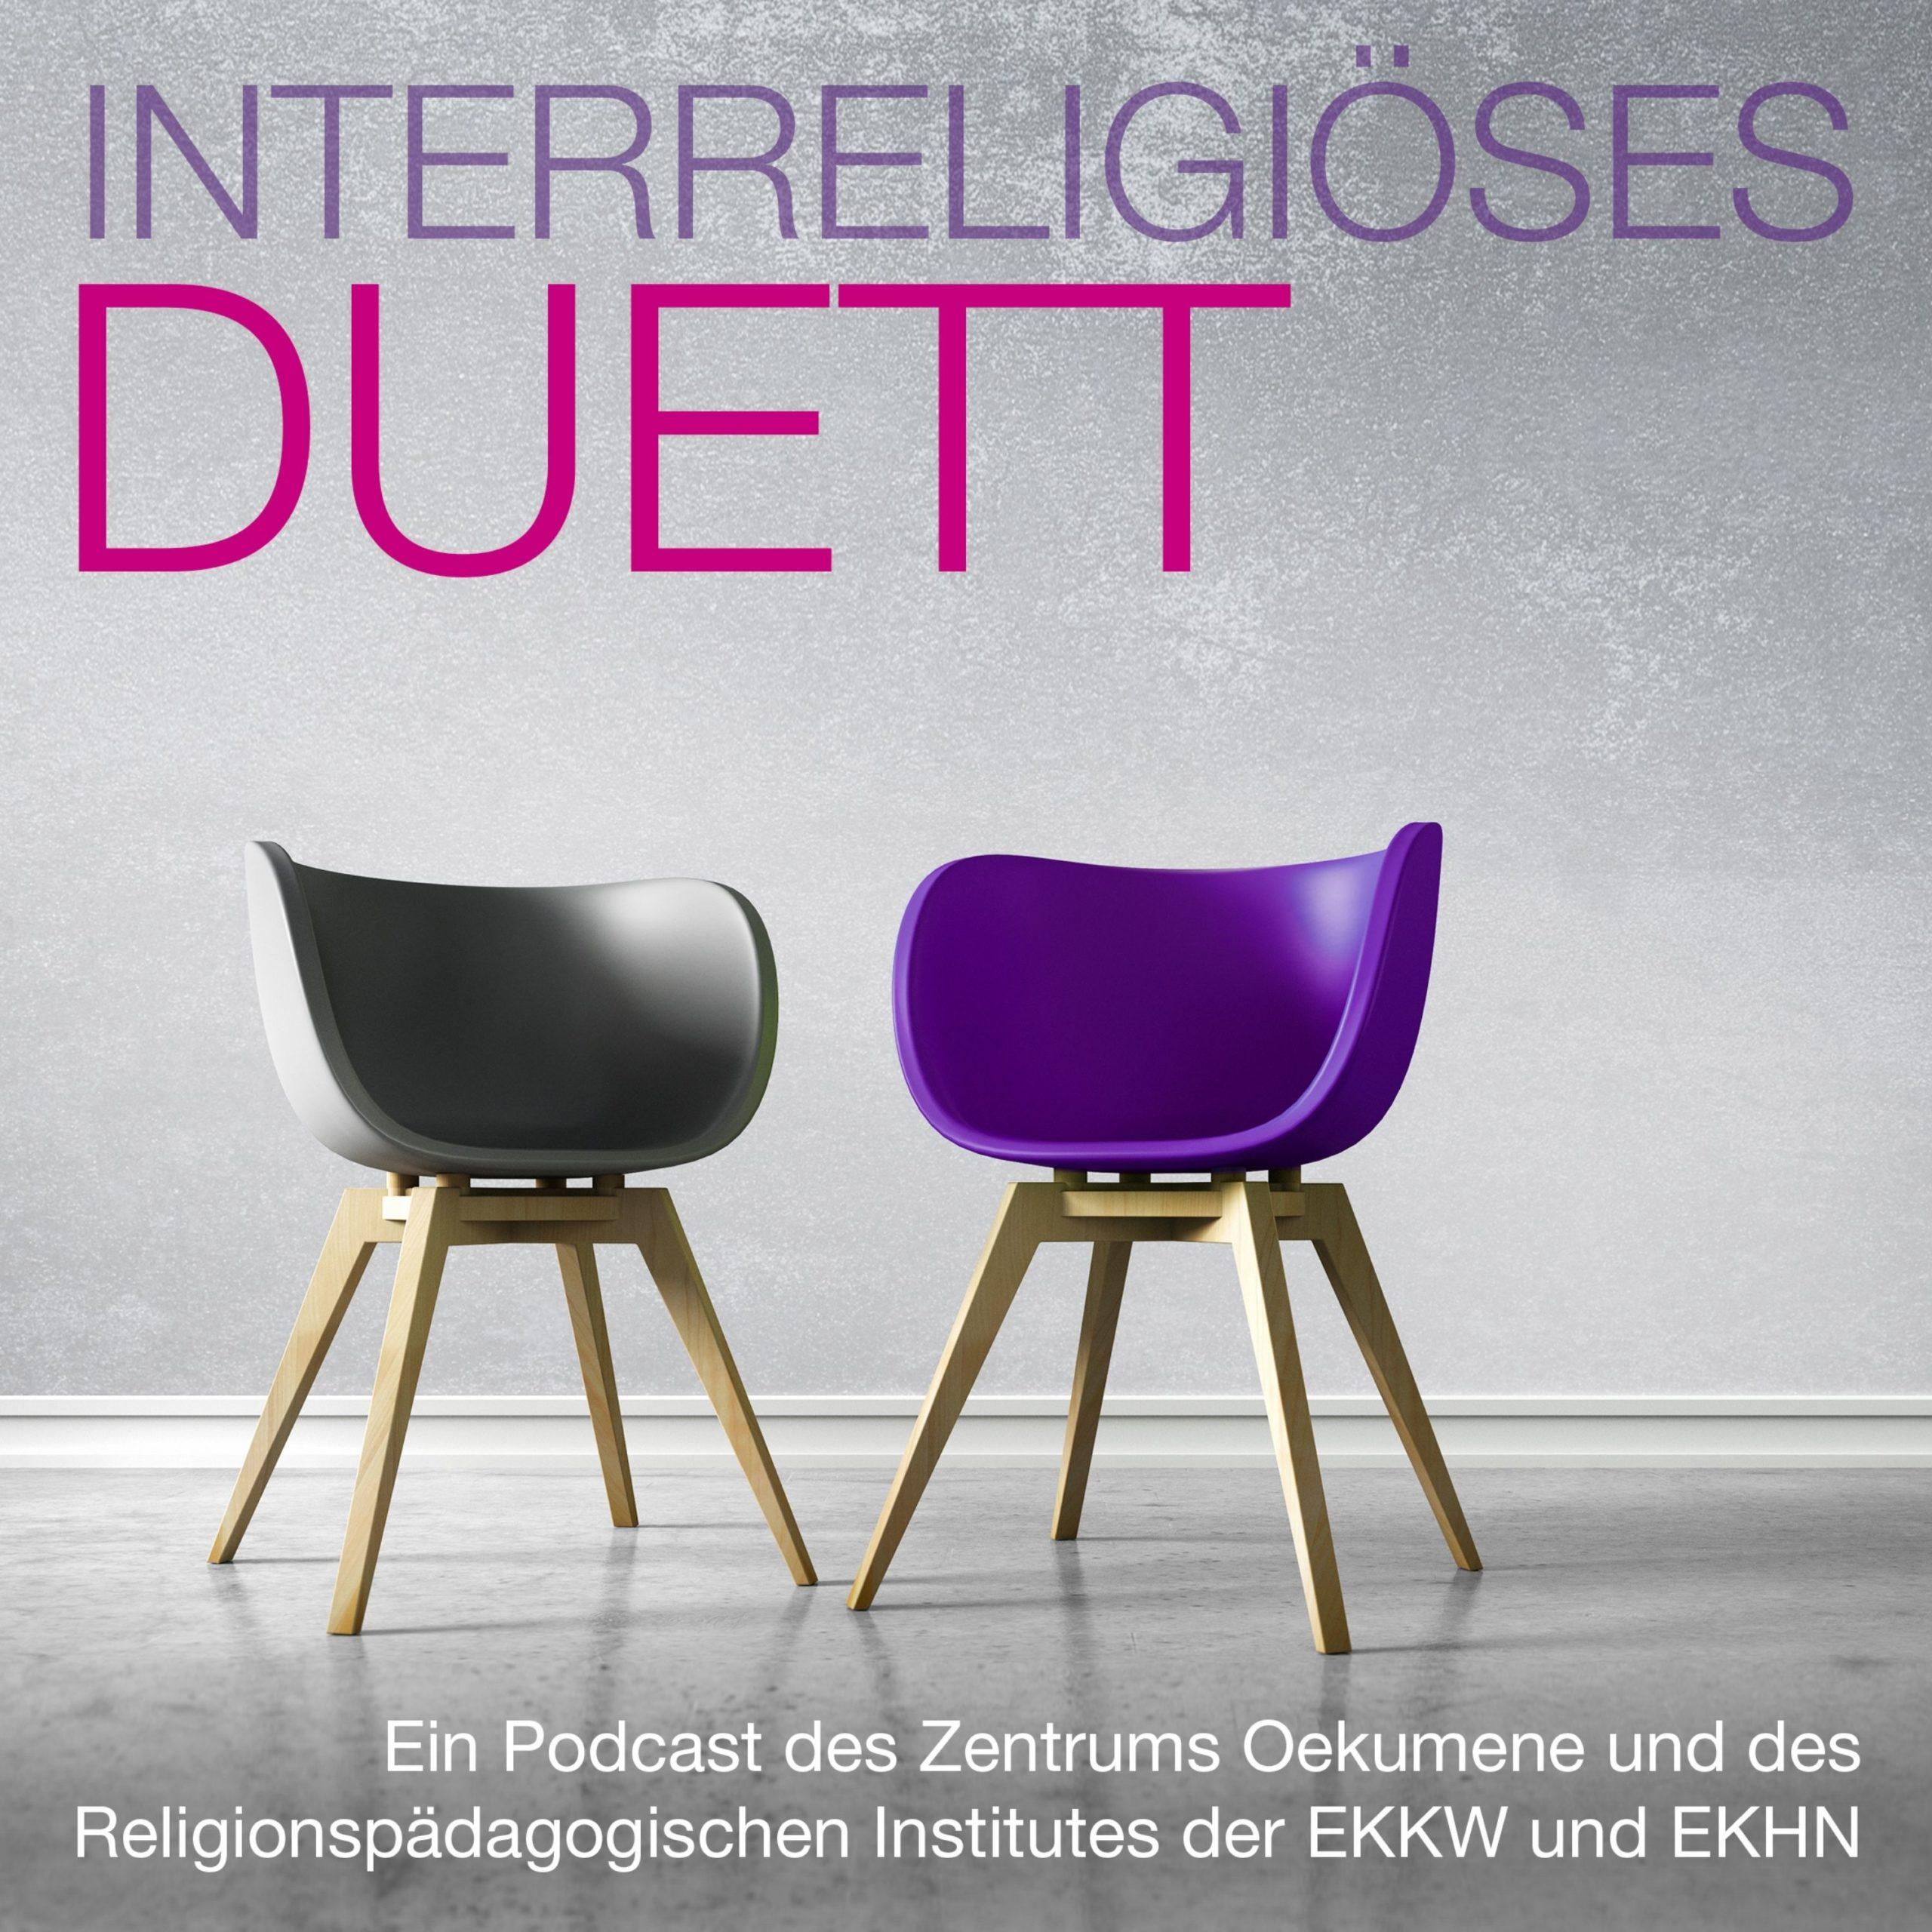 Interreligiöses Duett